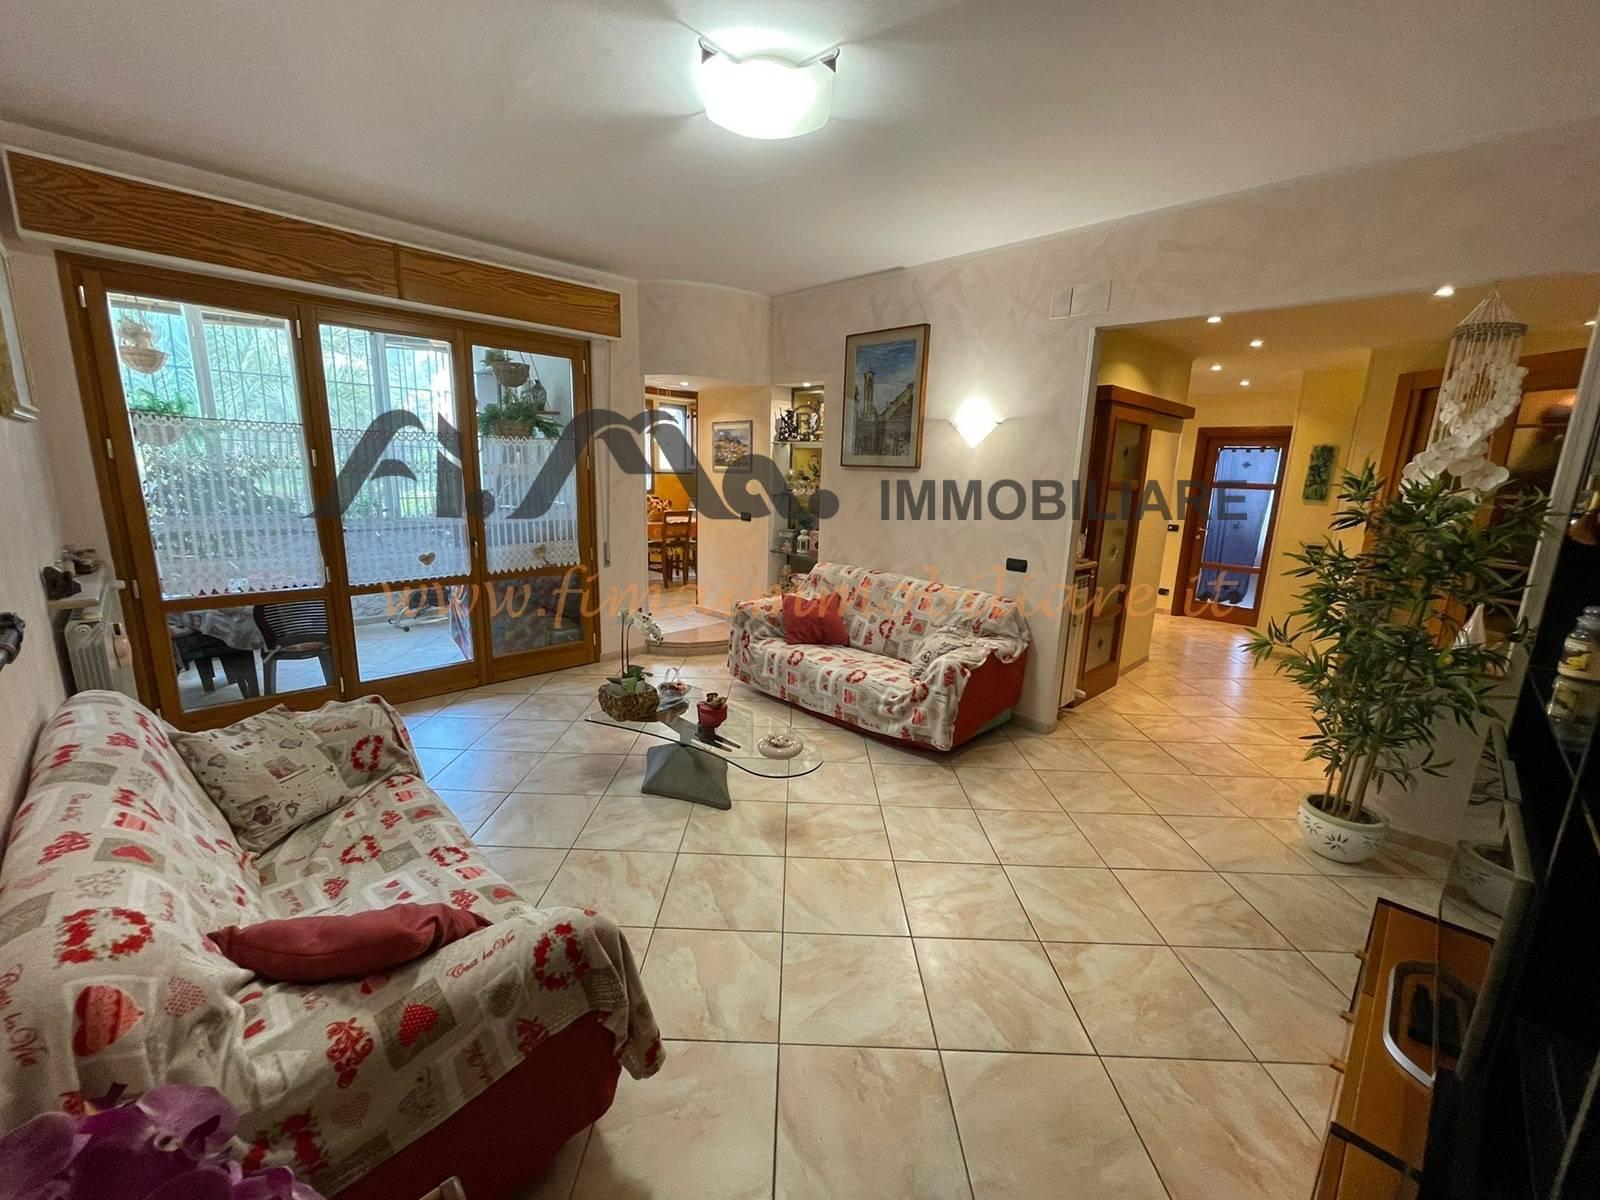 Appartamento in vendita a Savona, 5 locali, zona Località: LaRoccadiLegino, prezzo € 239.000   PortaleAgenzieImmobiliari.it